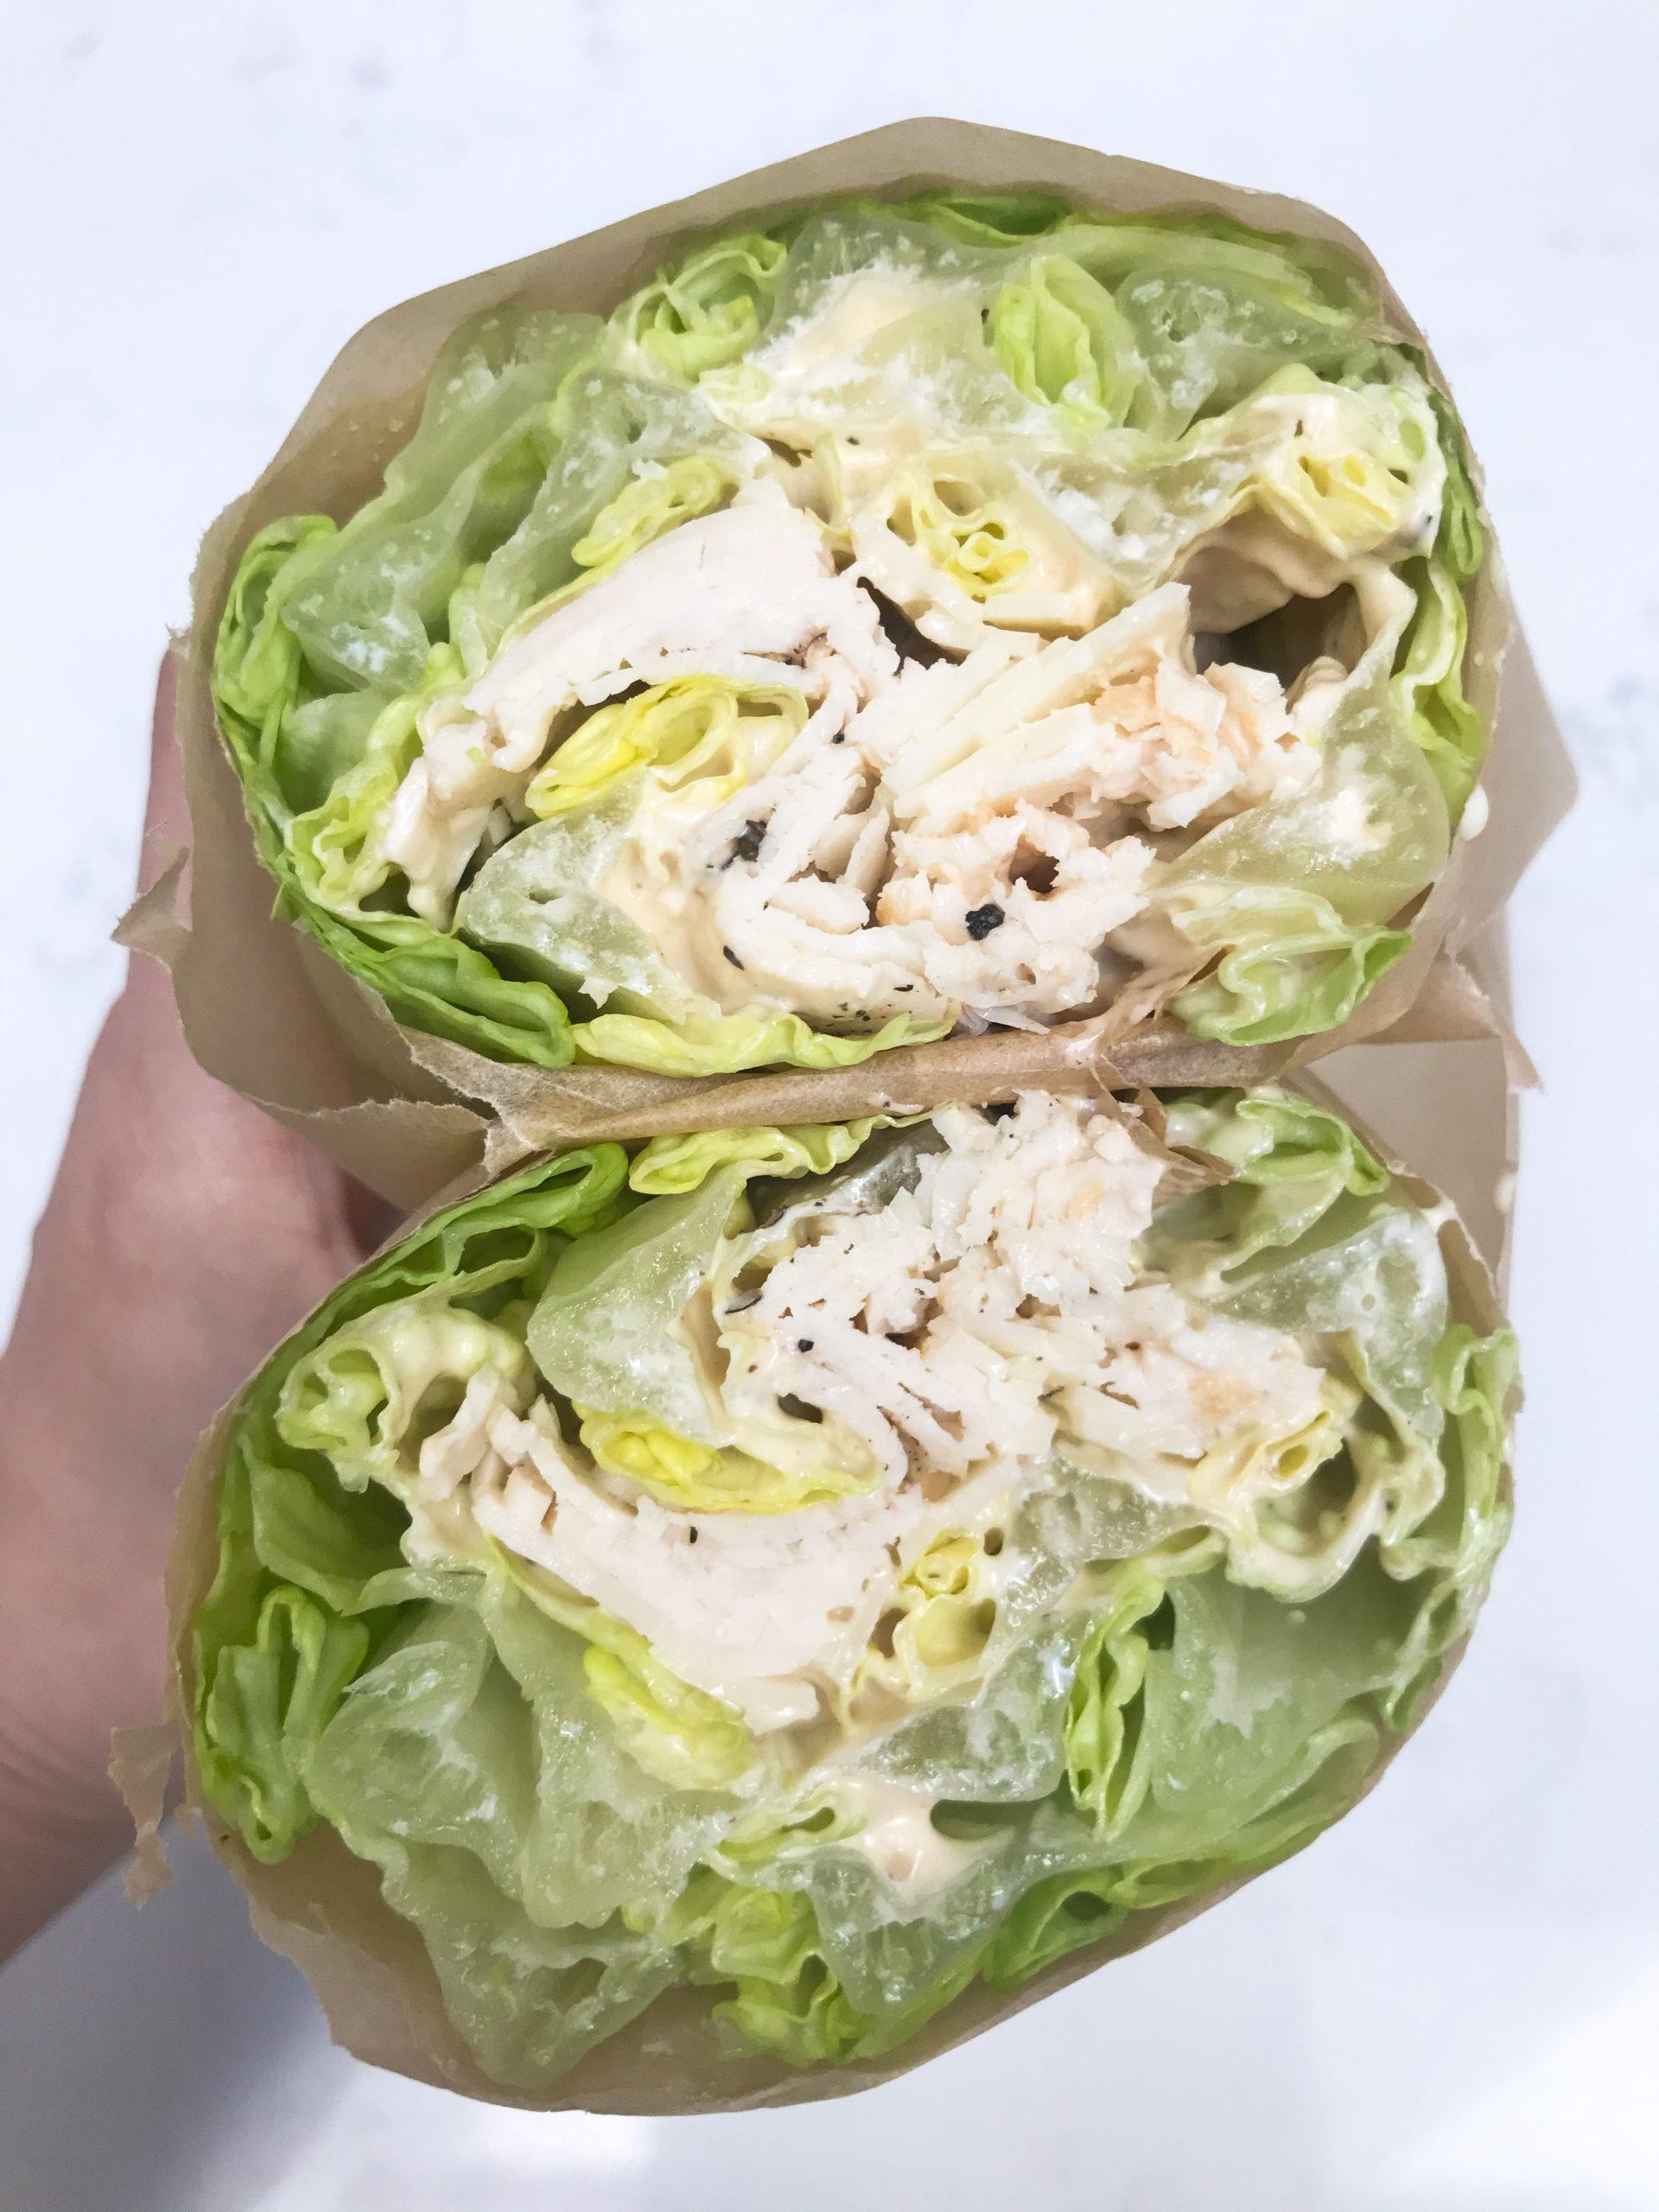 The Chicken Caesar Unwich